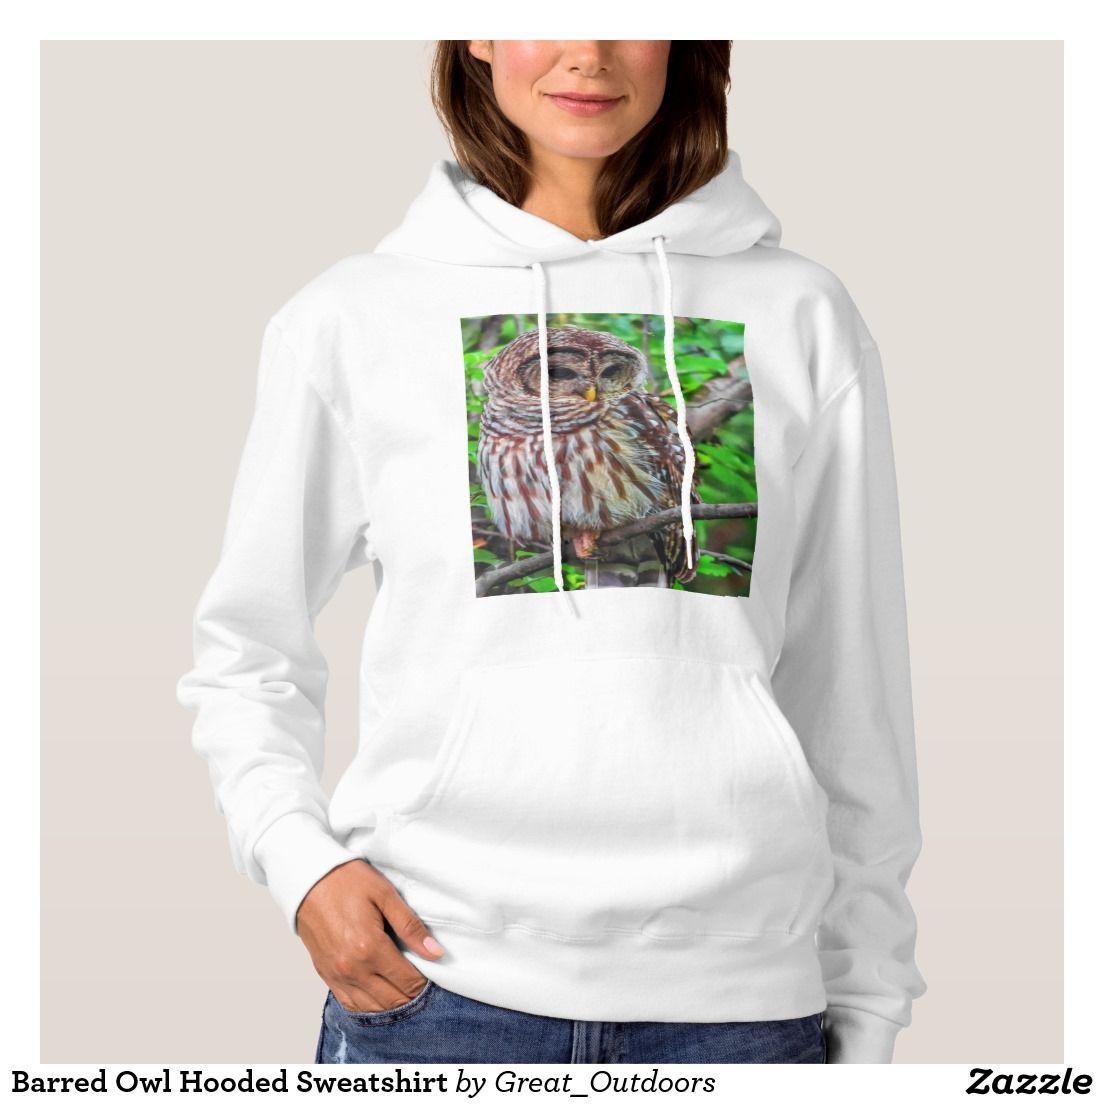 Barred Owl Hooded Sweatshirt